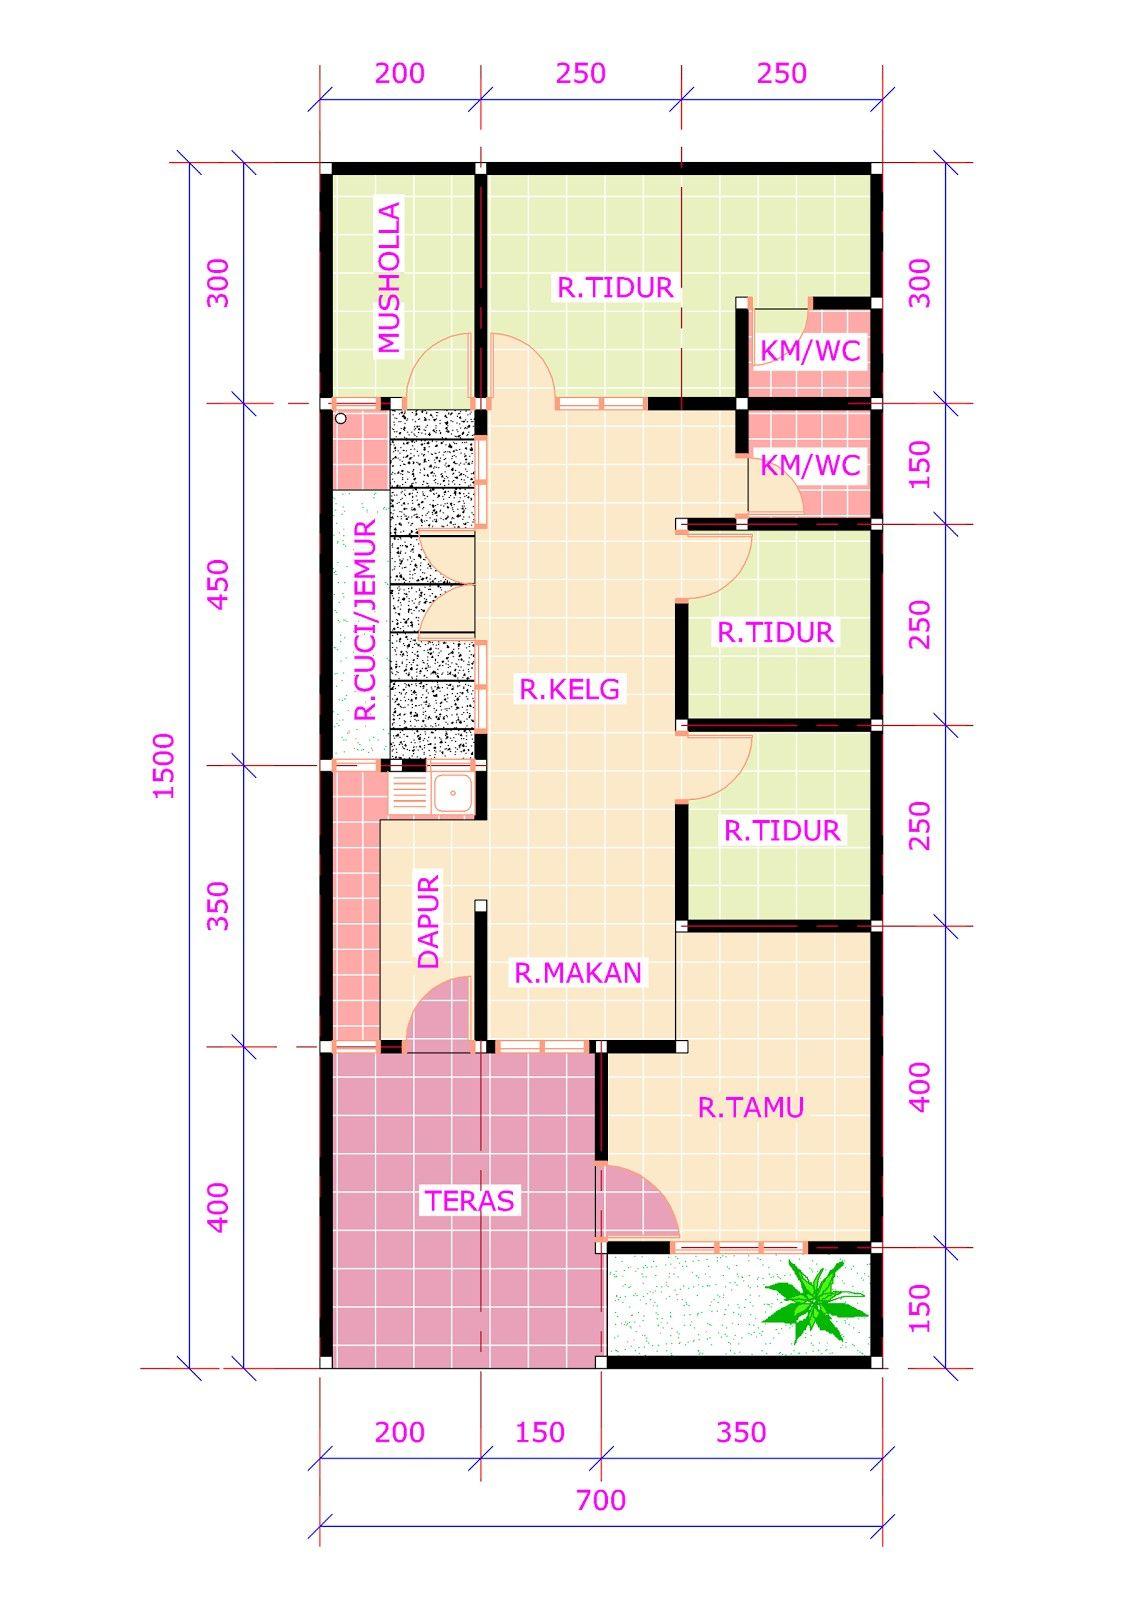 44+ Foto Desain Rumah 3 Kamar Ukuran 6X12 Terbaru Unduh